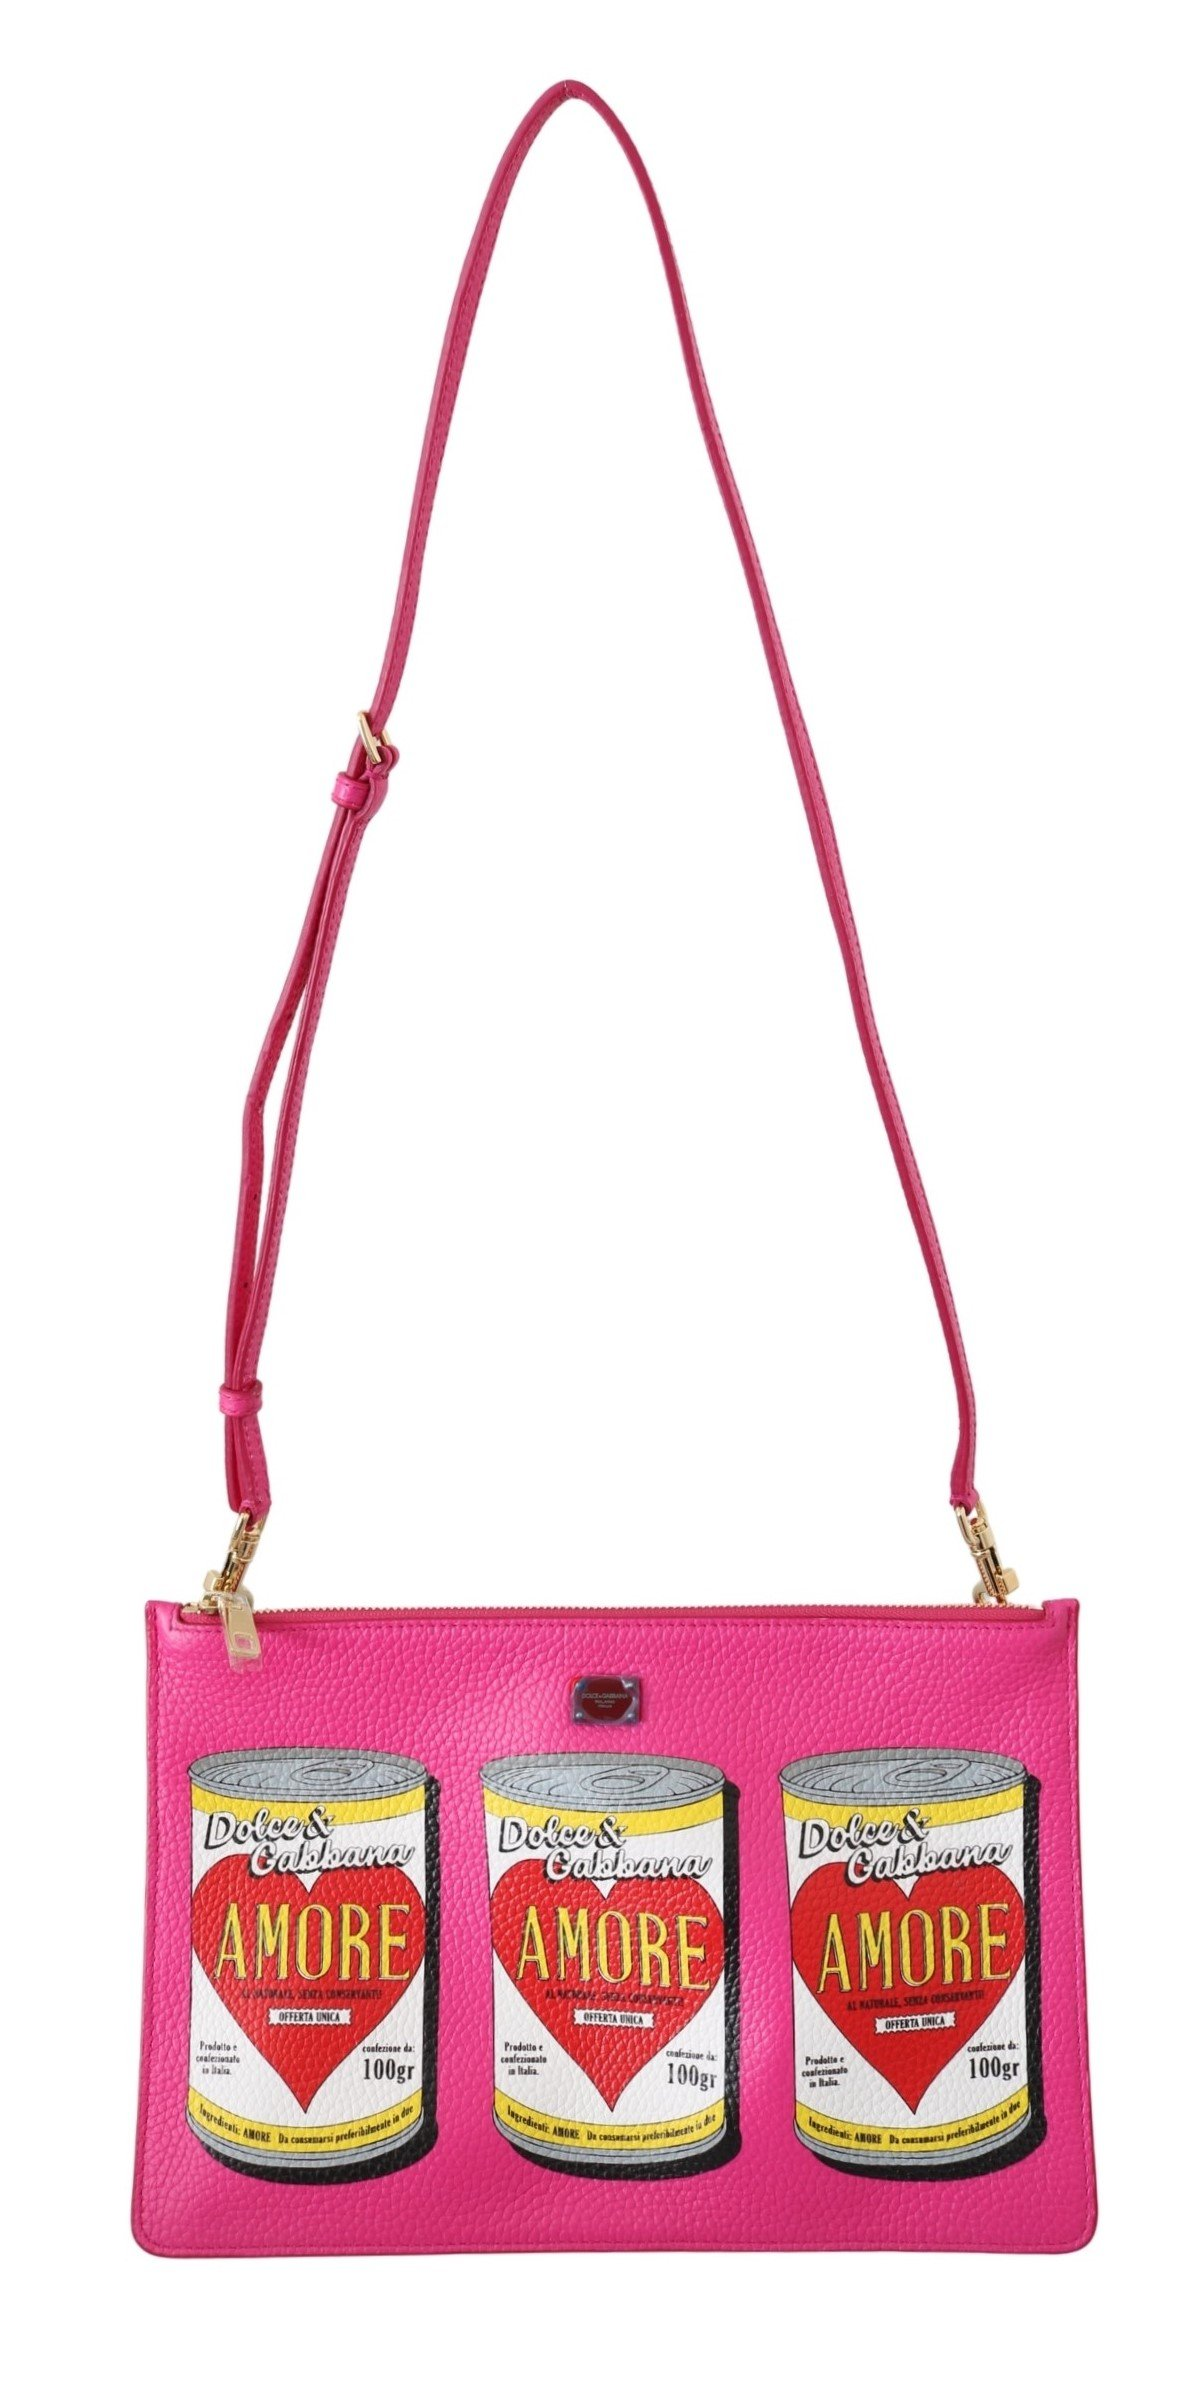 Dolce & Gabbana Women's Amore Cans CLEO Shoulder Bag Pink VAS8862